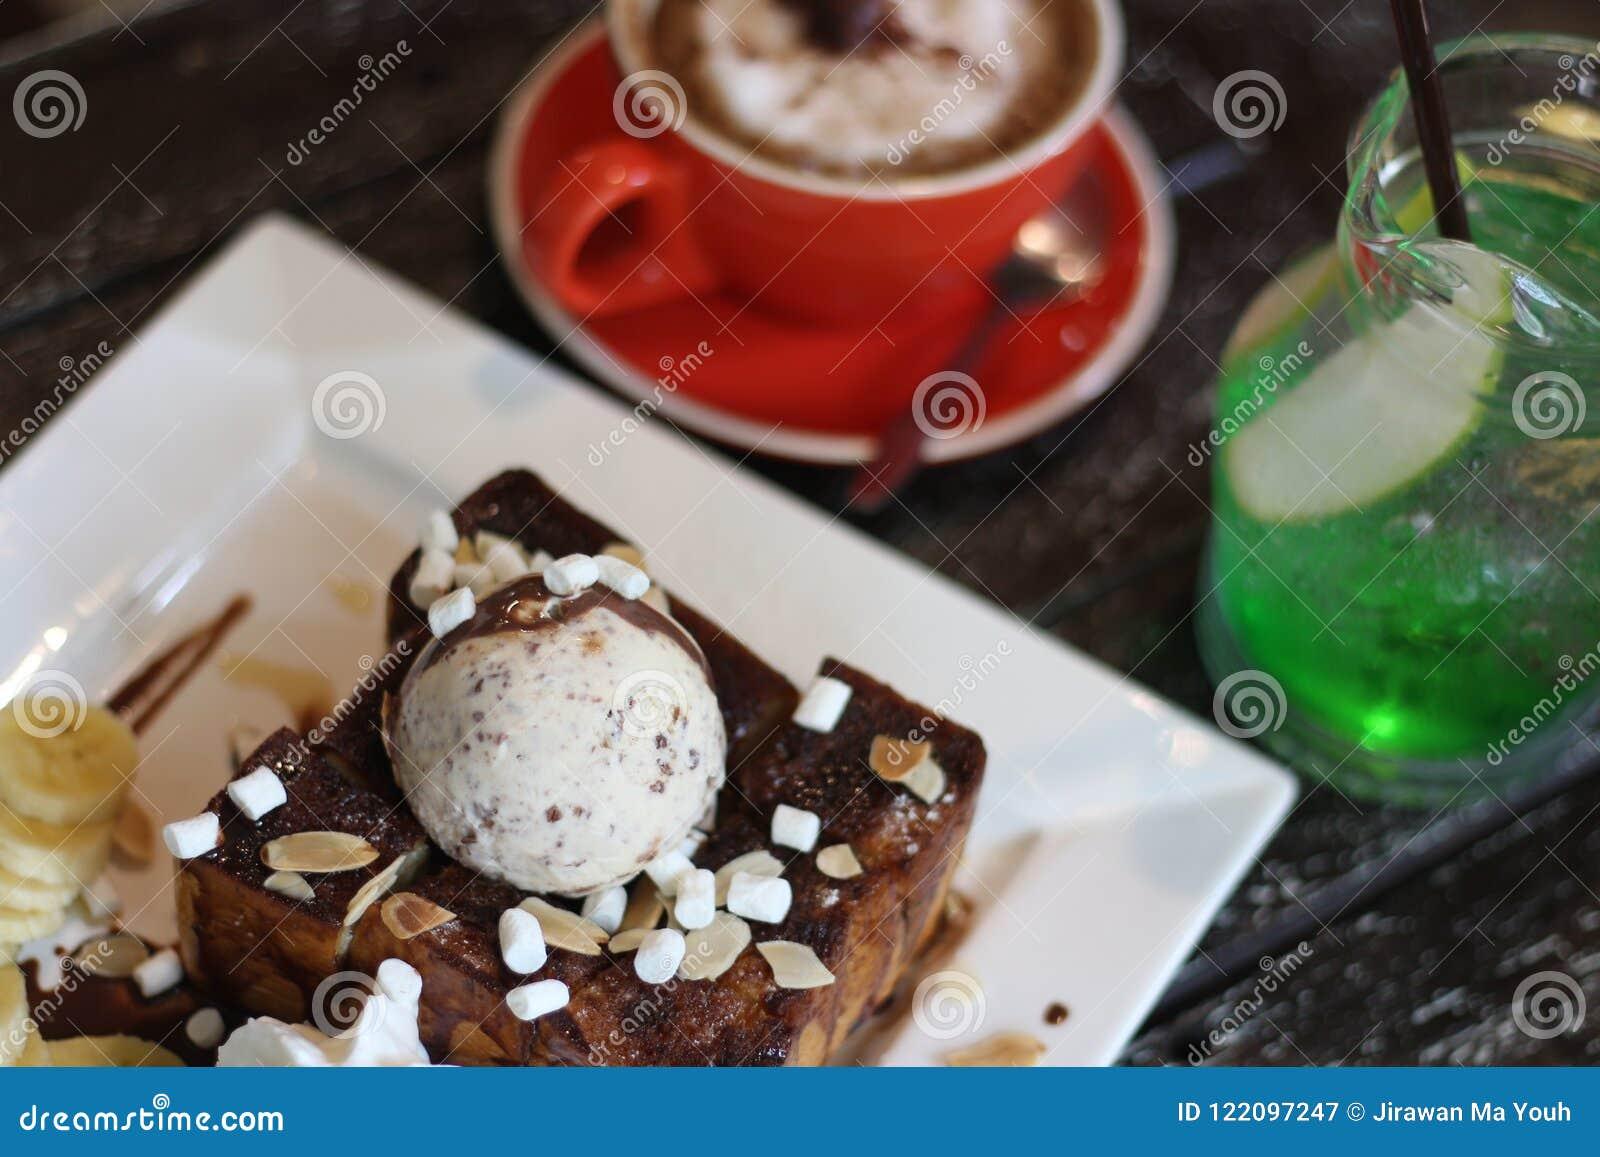 蜂蜜桑托斯和冰淇凌和咖啡和苹果计算机苏打和意大利苏打和香蕉和蛋白软糖和巧克力汁和上等咖啡Cof